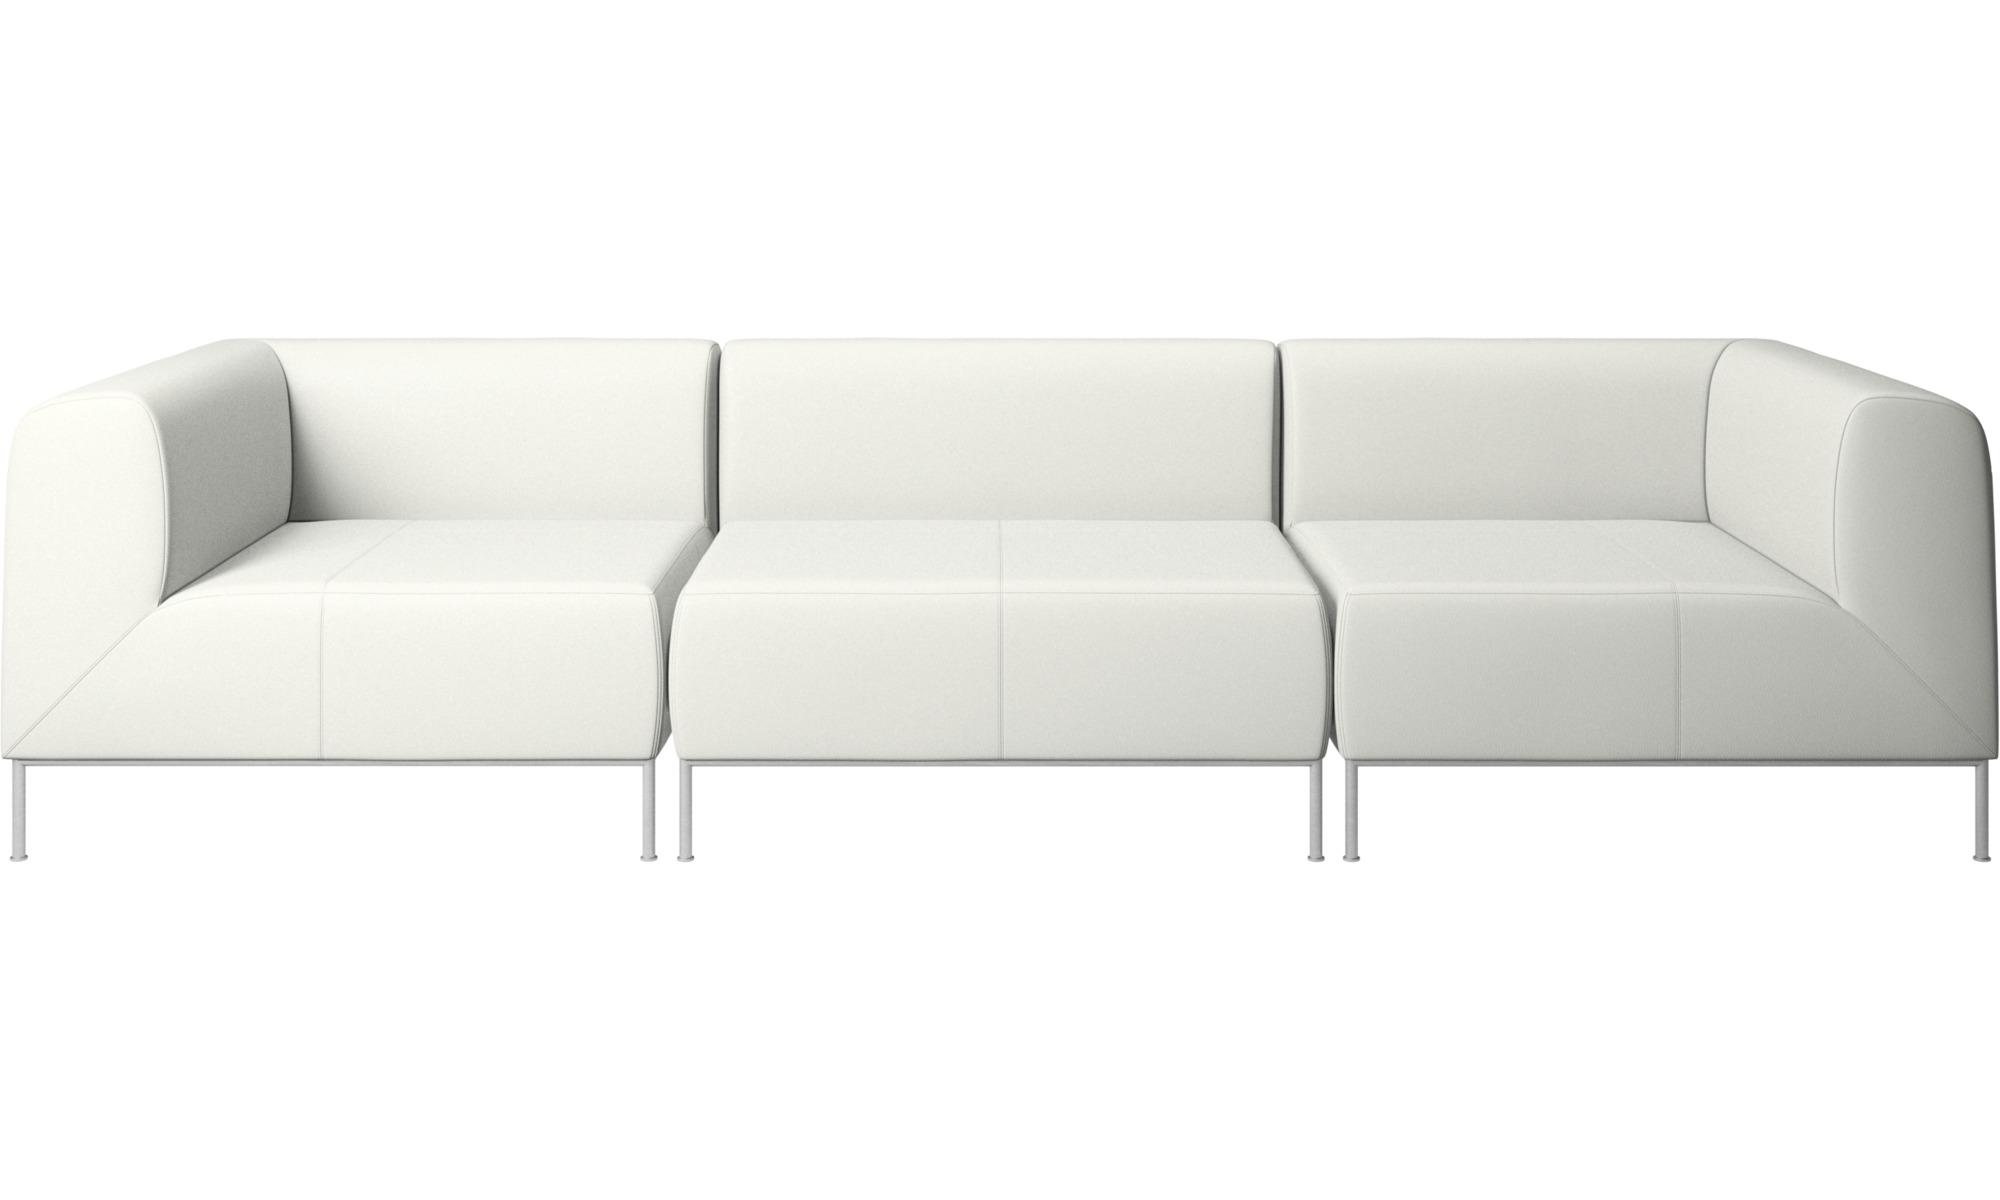 Canapés modulaires - Canapé Miami - Blanc - Cuir